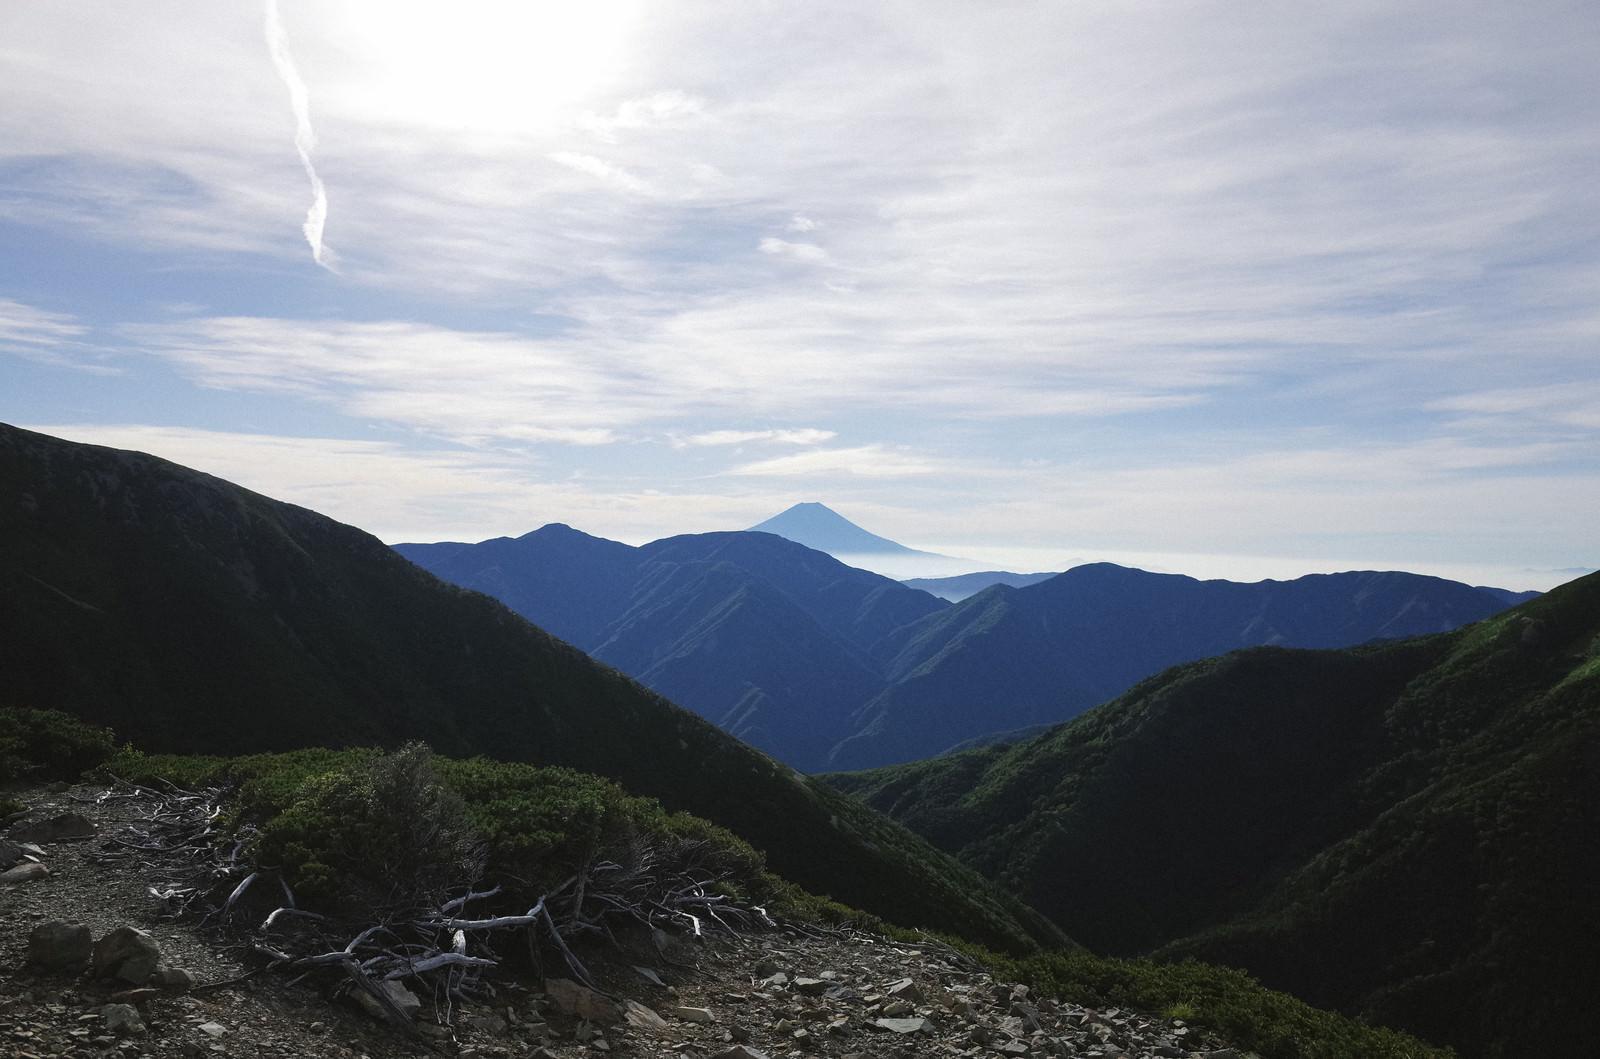 「聖岳登山道から見る富士山」の写真